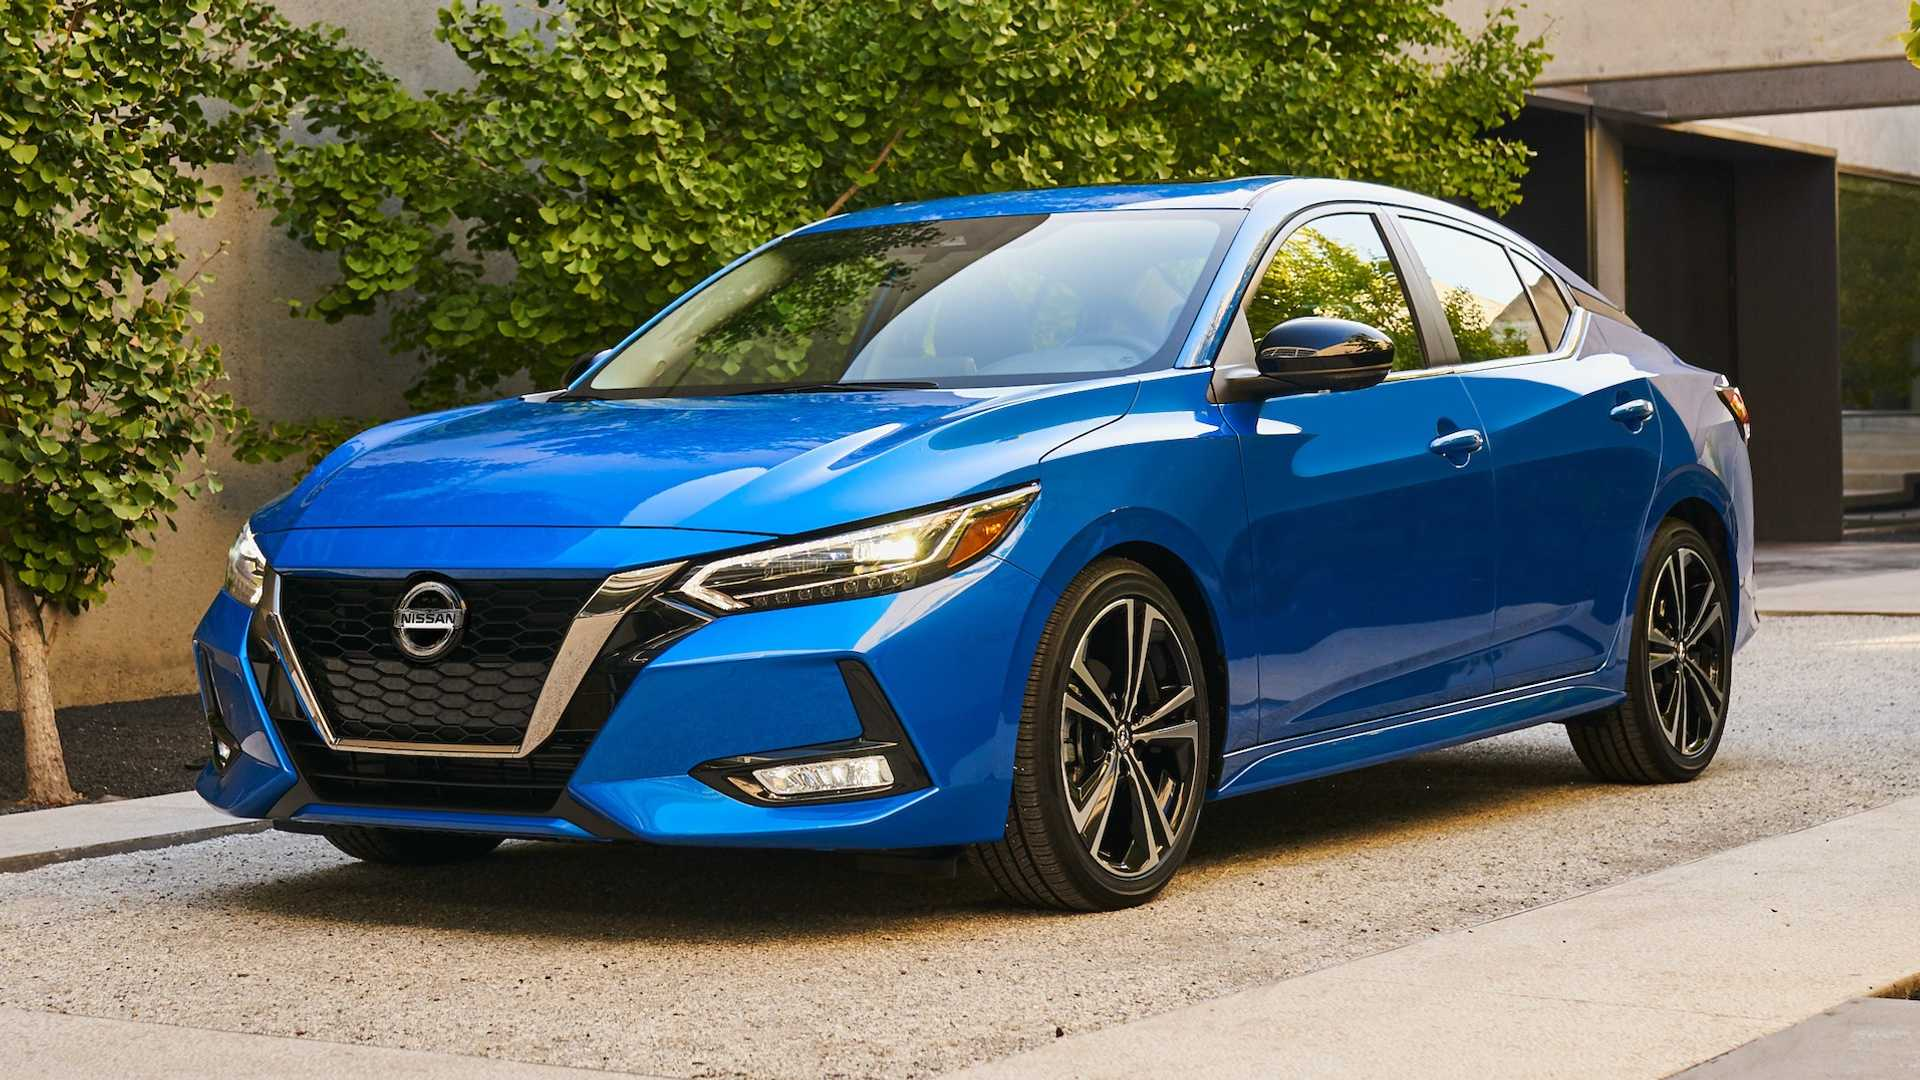 Nissan Sentra thế hệ mới đối đầu trực tiếp với Honda Civic hay Mazda3 - 3